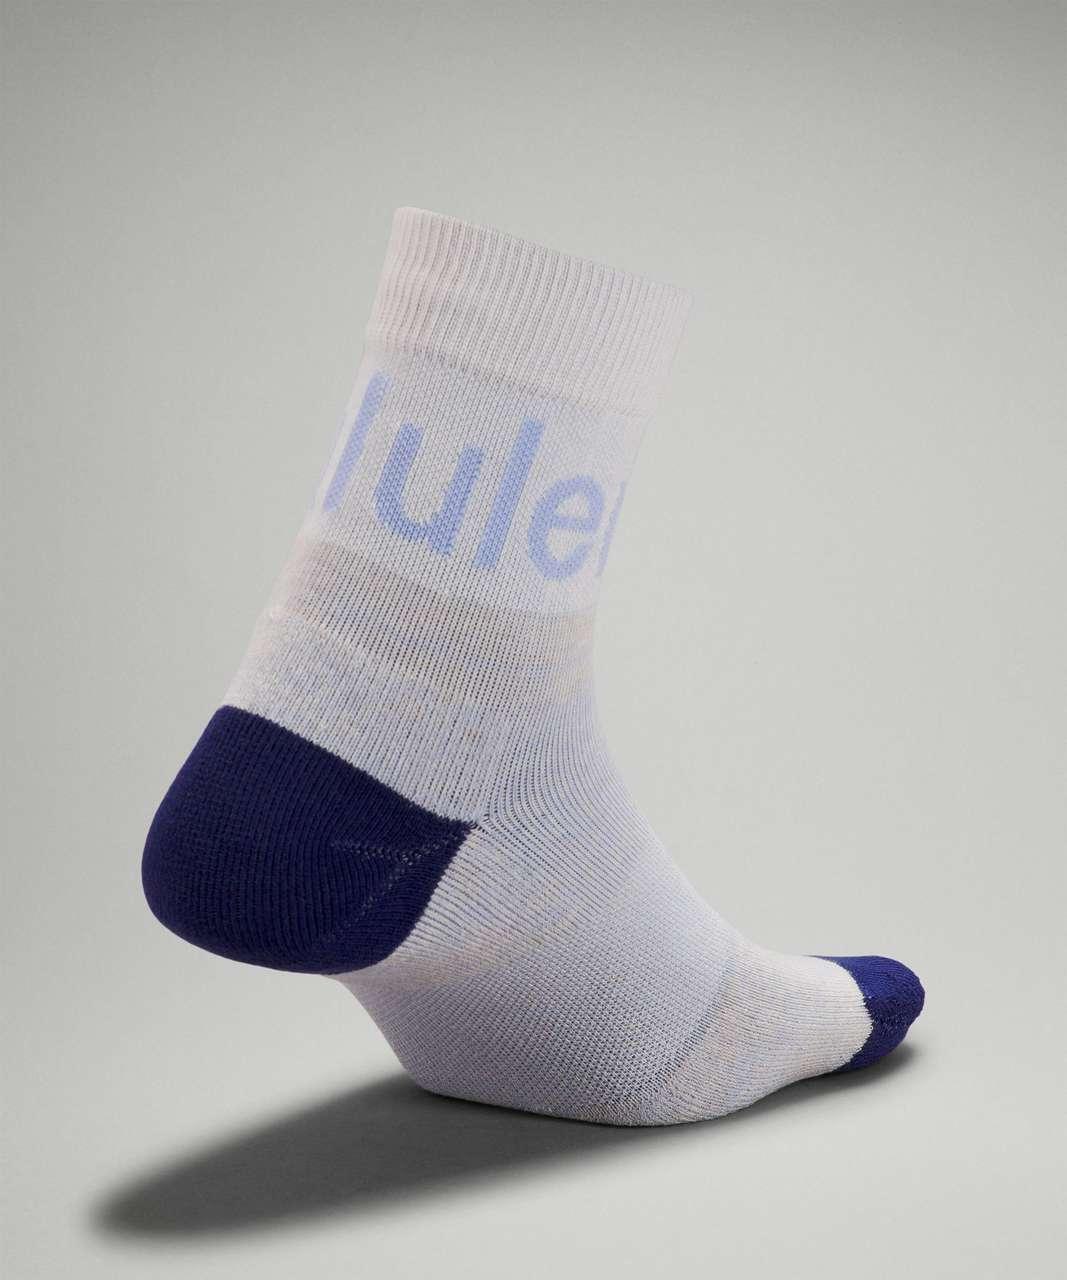 Lululemon Daily Stride Mid-Crew Sock - Blue Linen